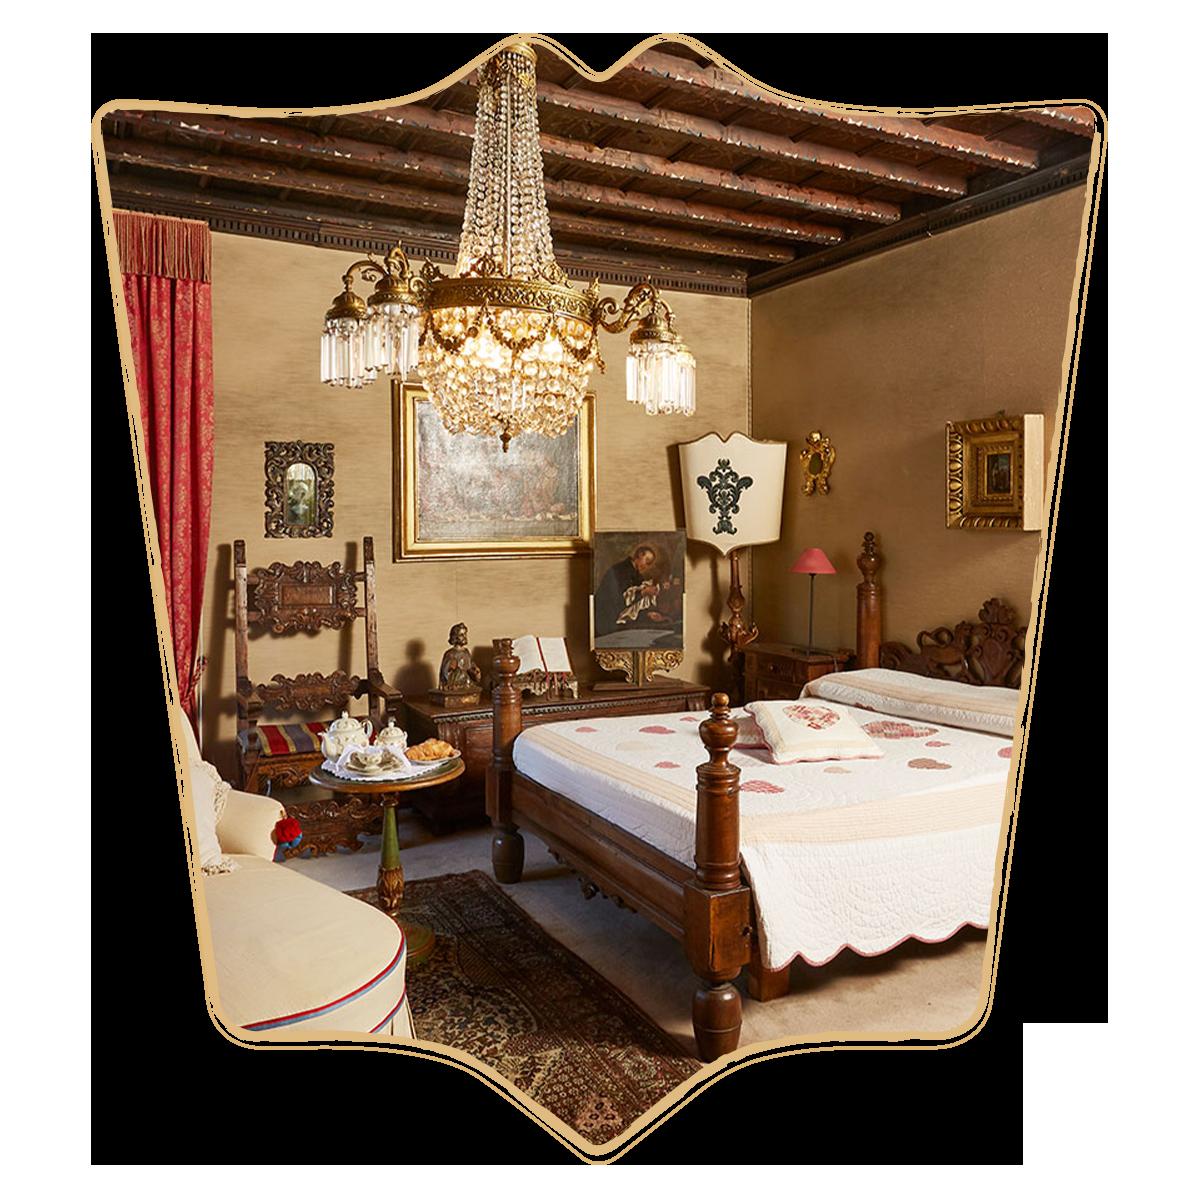 Letto e lampadario antichi nella camera Monte a Villa Evelina